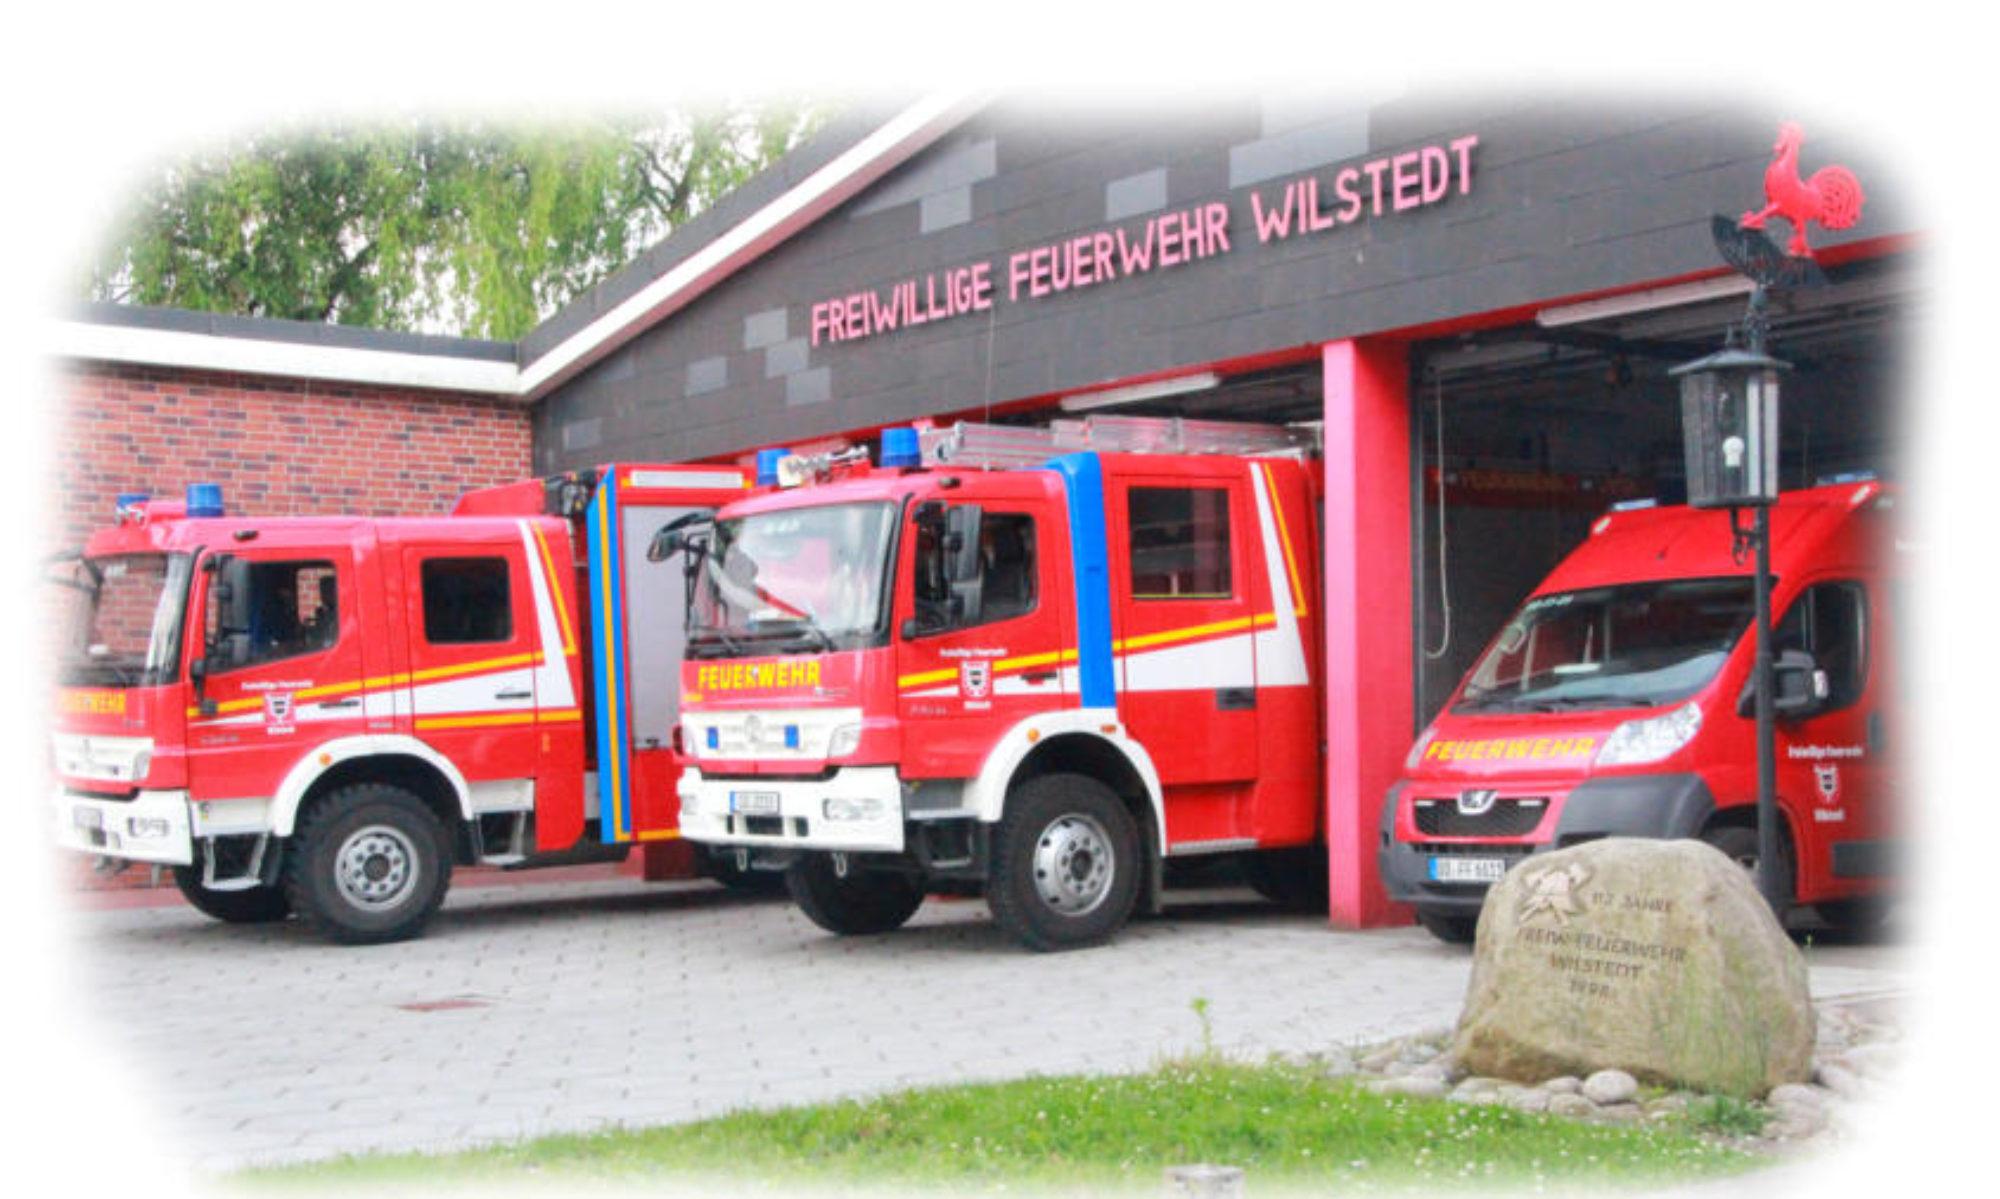 Freiwillige Feuerwehr Wilstedt